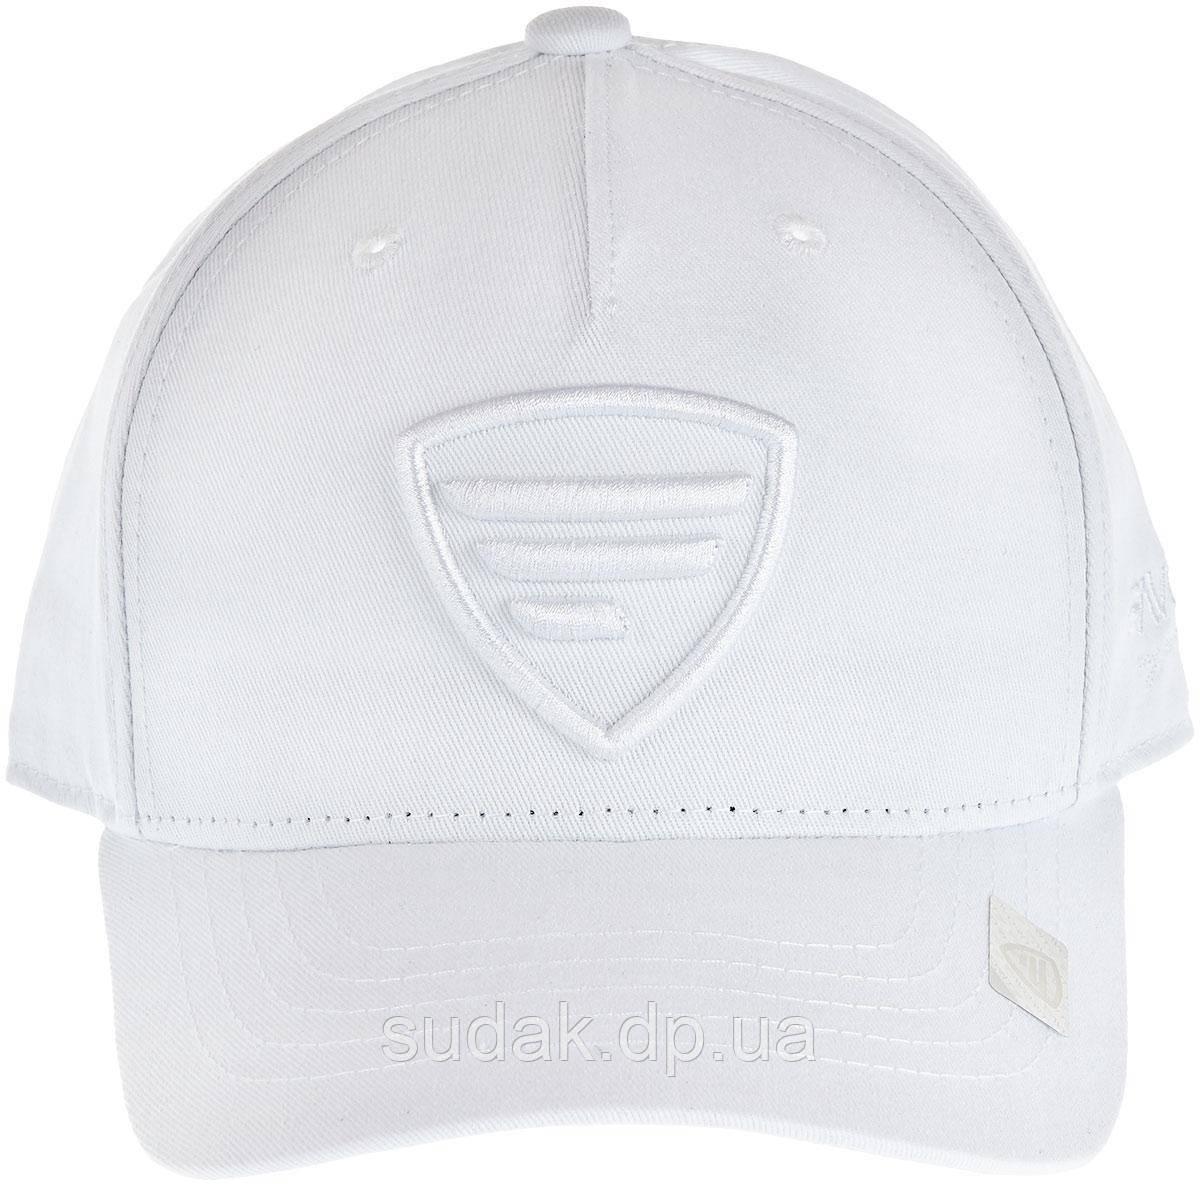 Кепка Favorite 1805 білий лого ц:білий